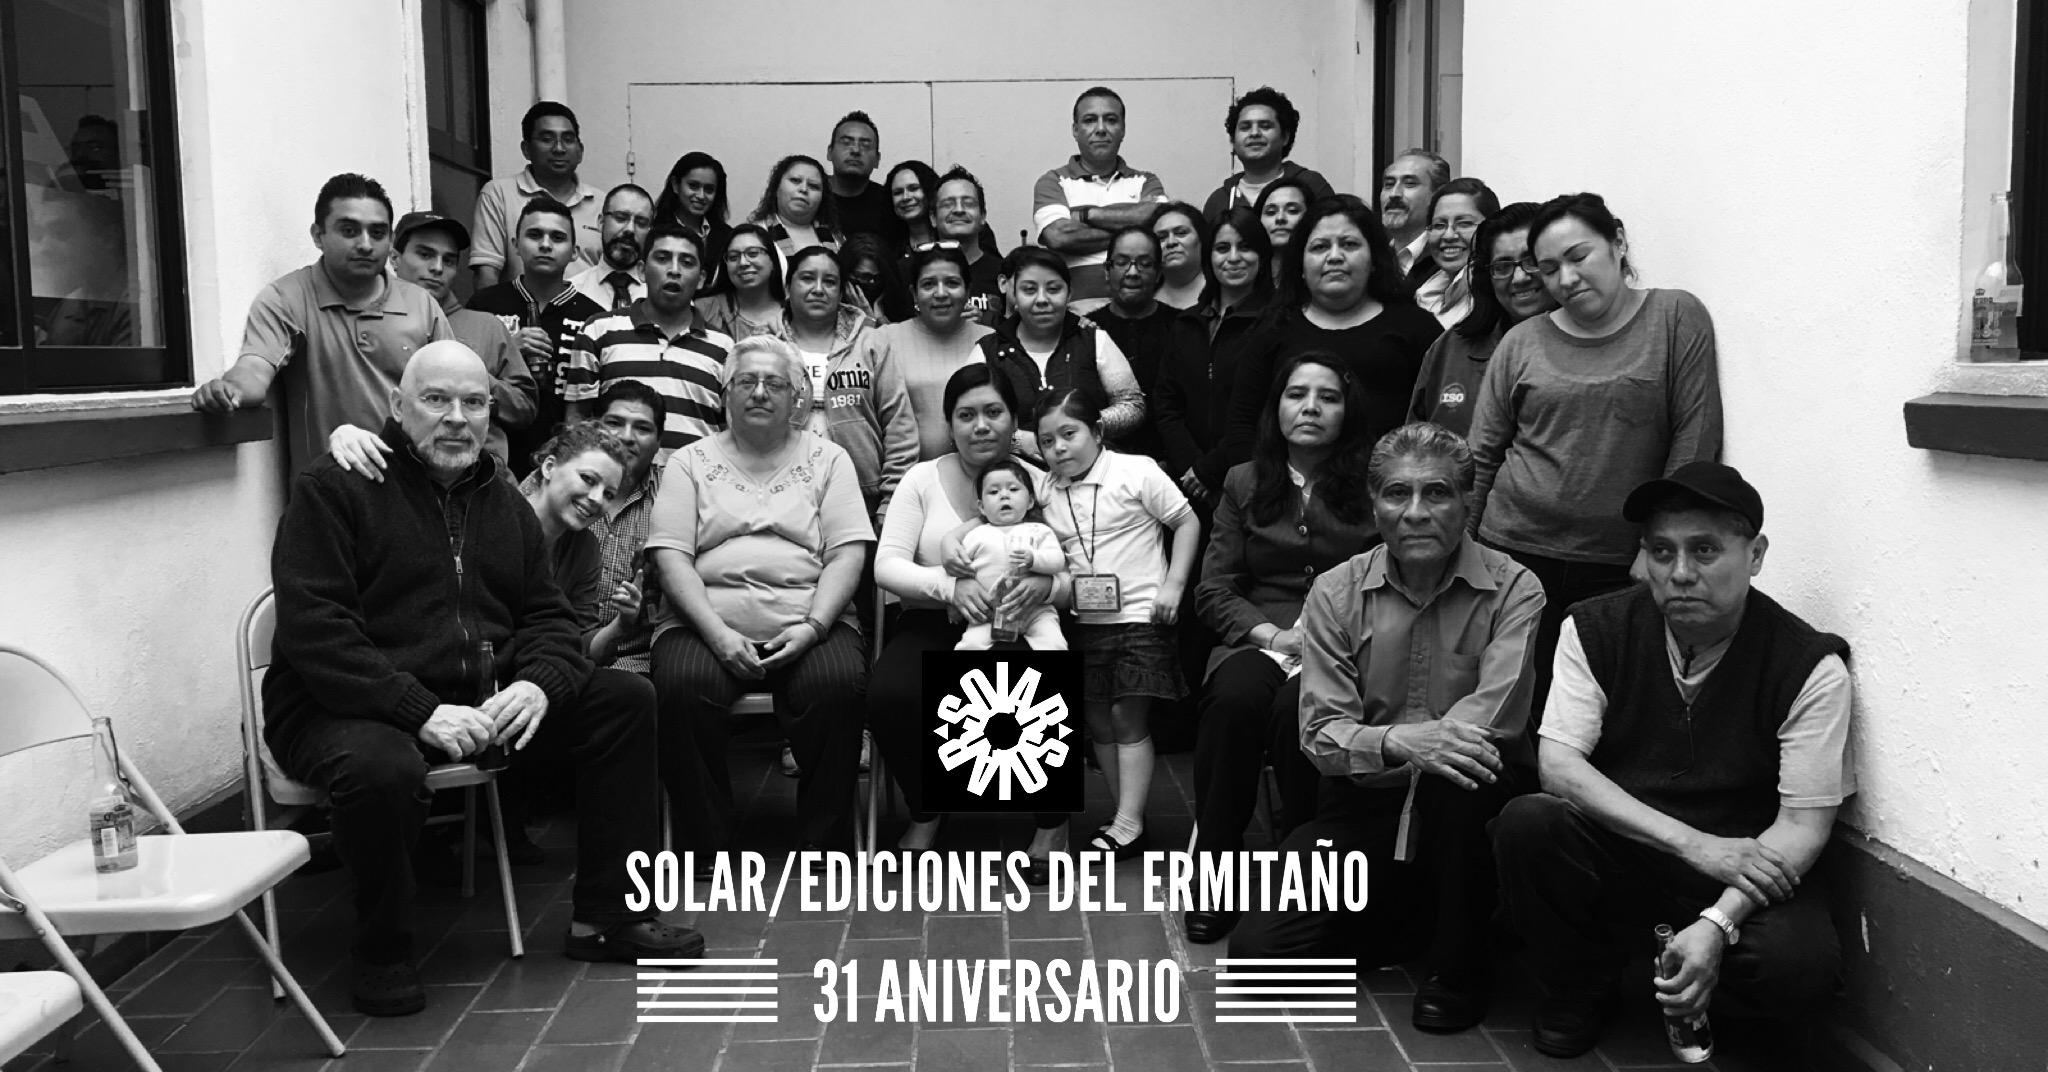 31 Aniversario de Solar y Ediciones del Ermitaño